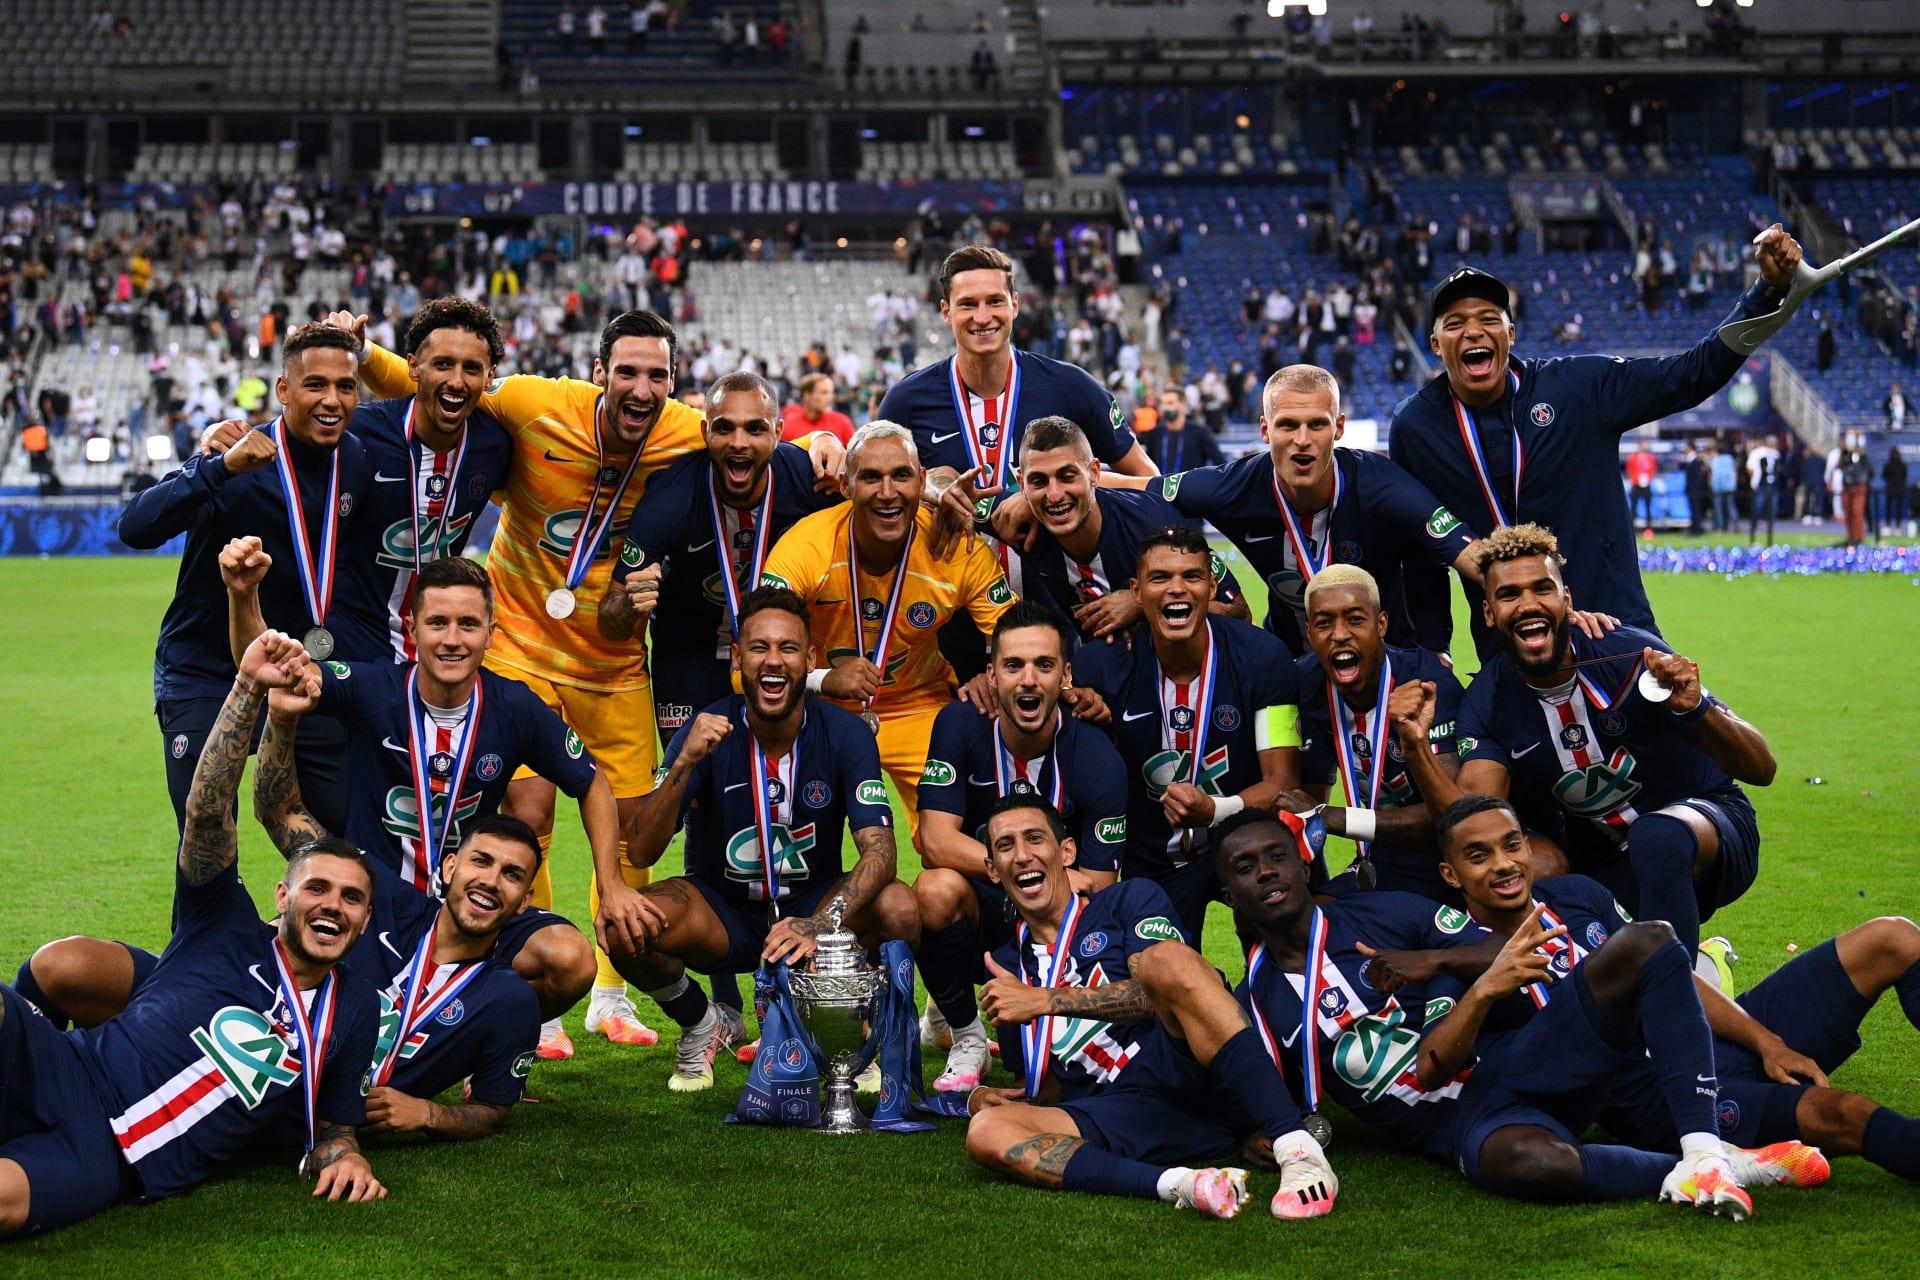 باريس سان جيرمان يحصد كأس فرنسا بهدف نيمار.. وإصابة إمبابي تثير حزن الجماهير